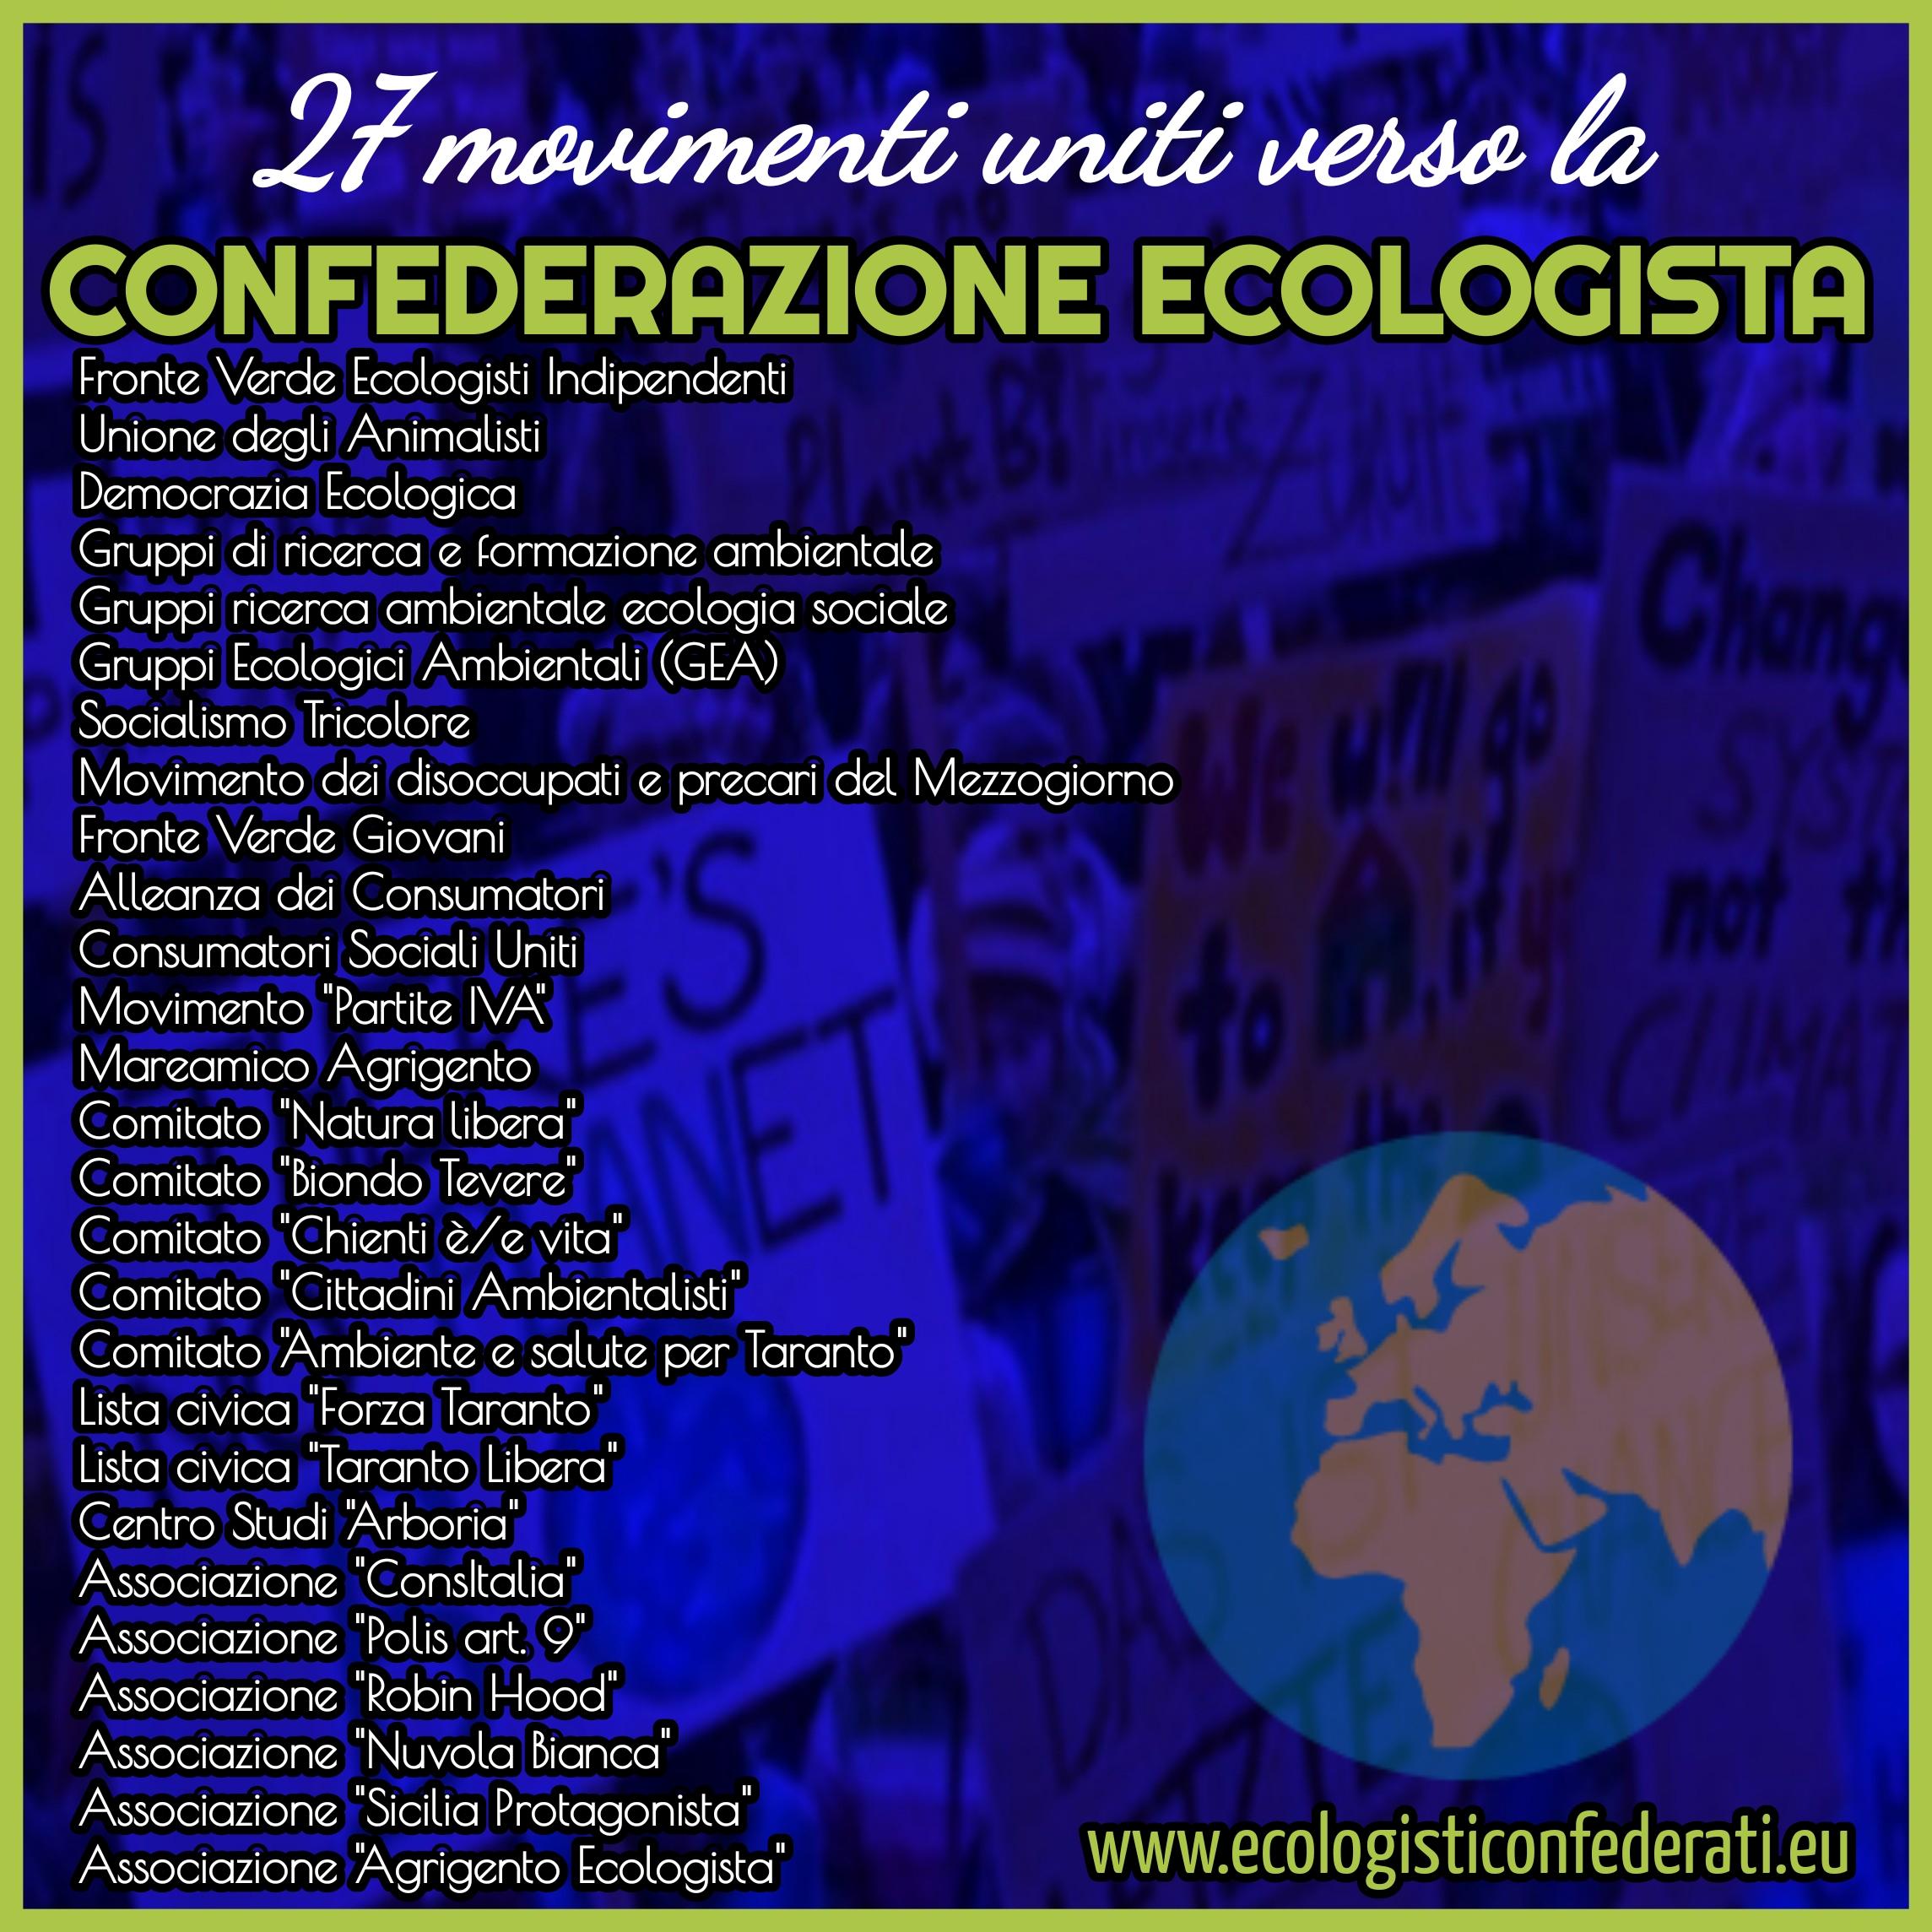 27 sigle per la Confederazione Ecologista